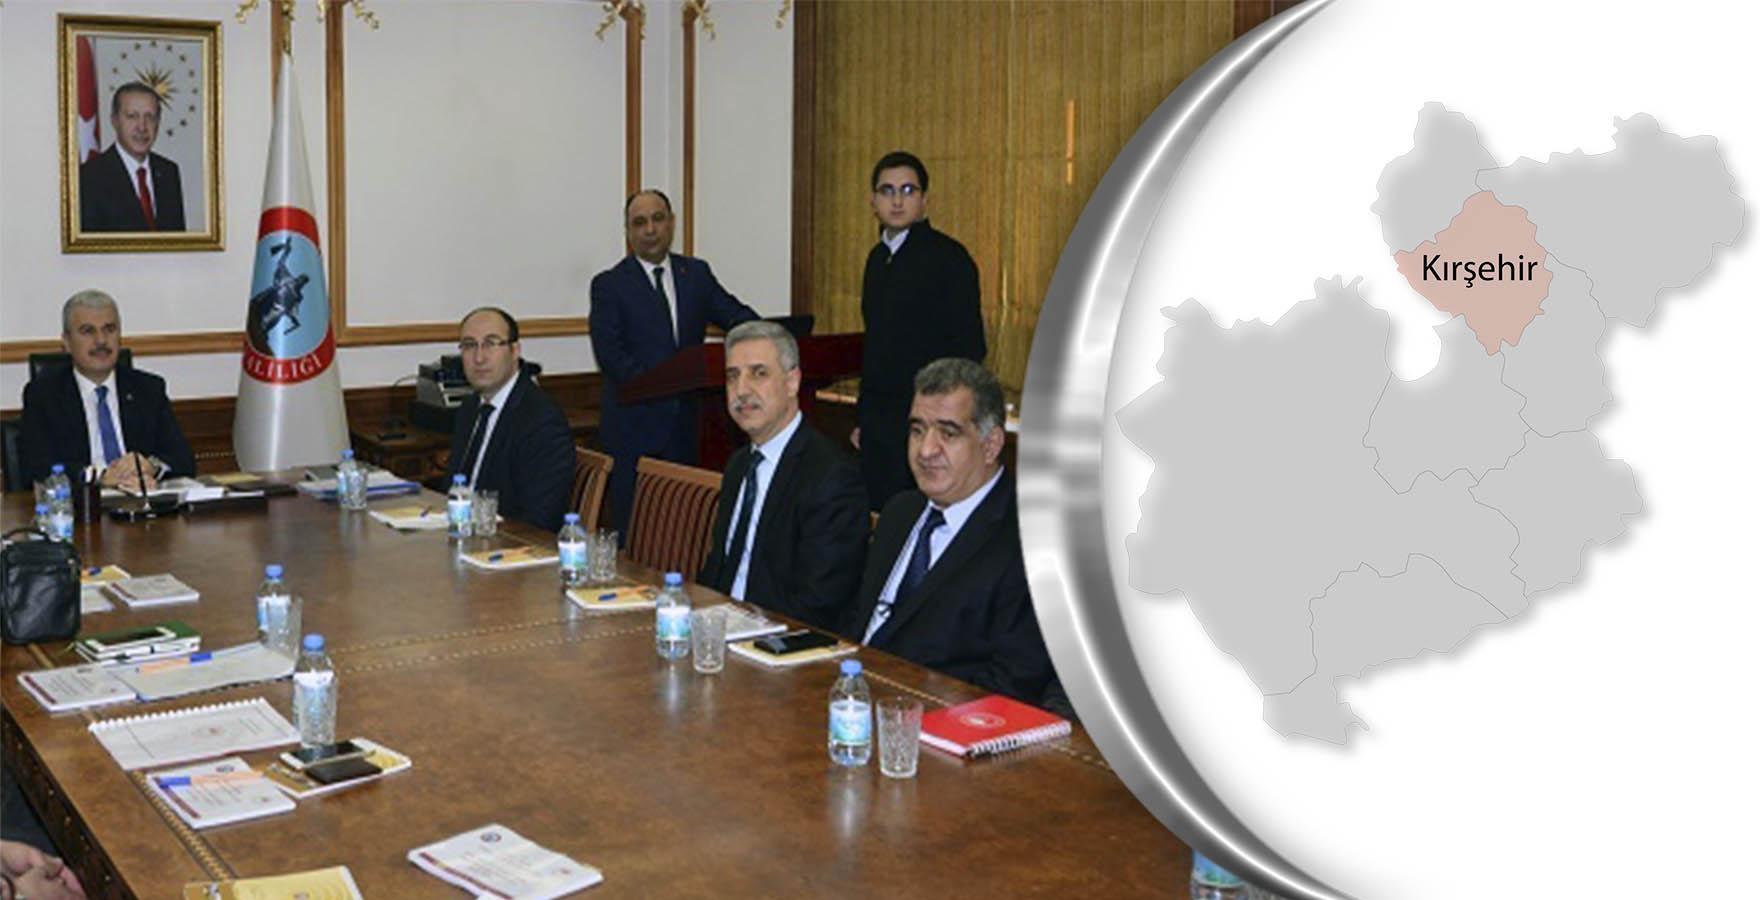 KOP Projeleri Kırşehir'de Tarımsal Üretime Katkı Sağlıyor